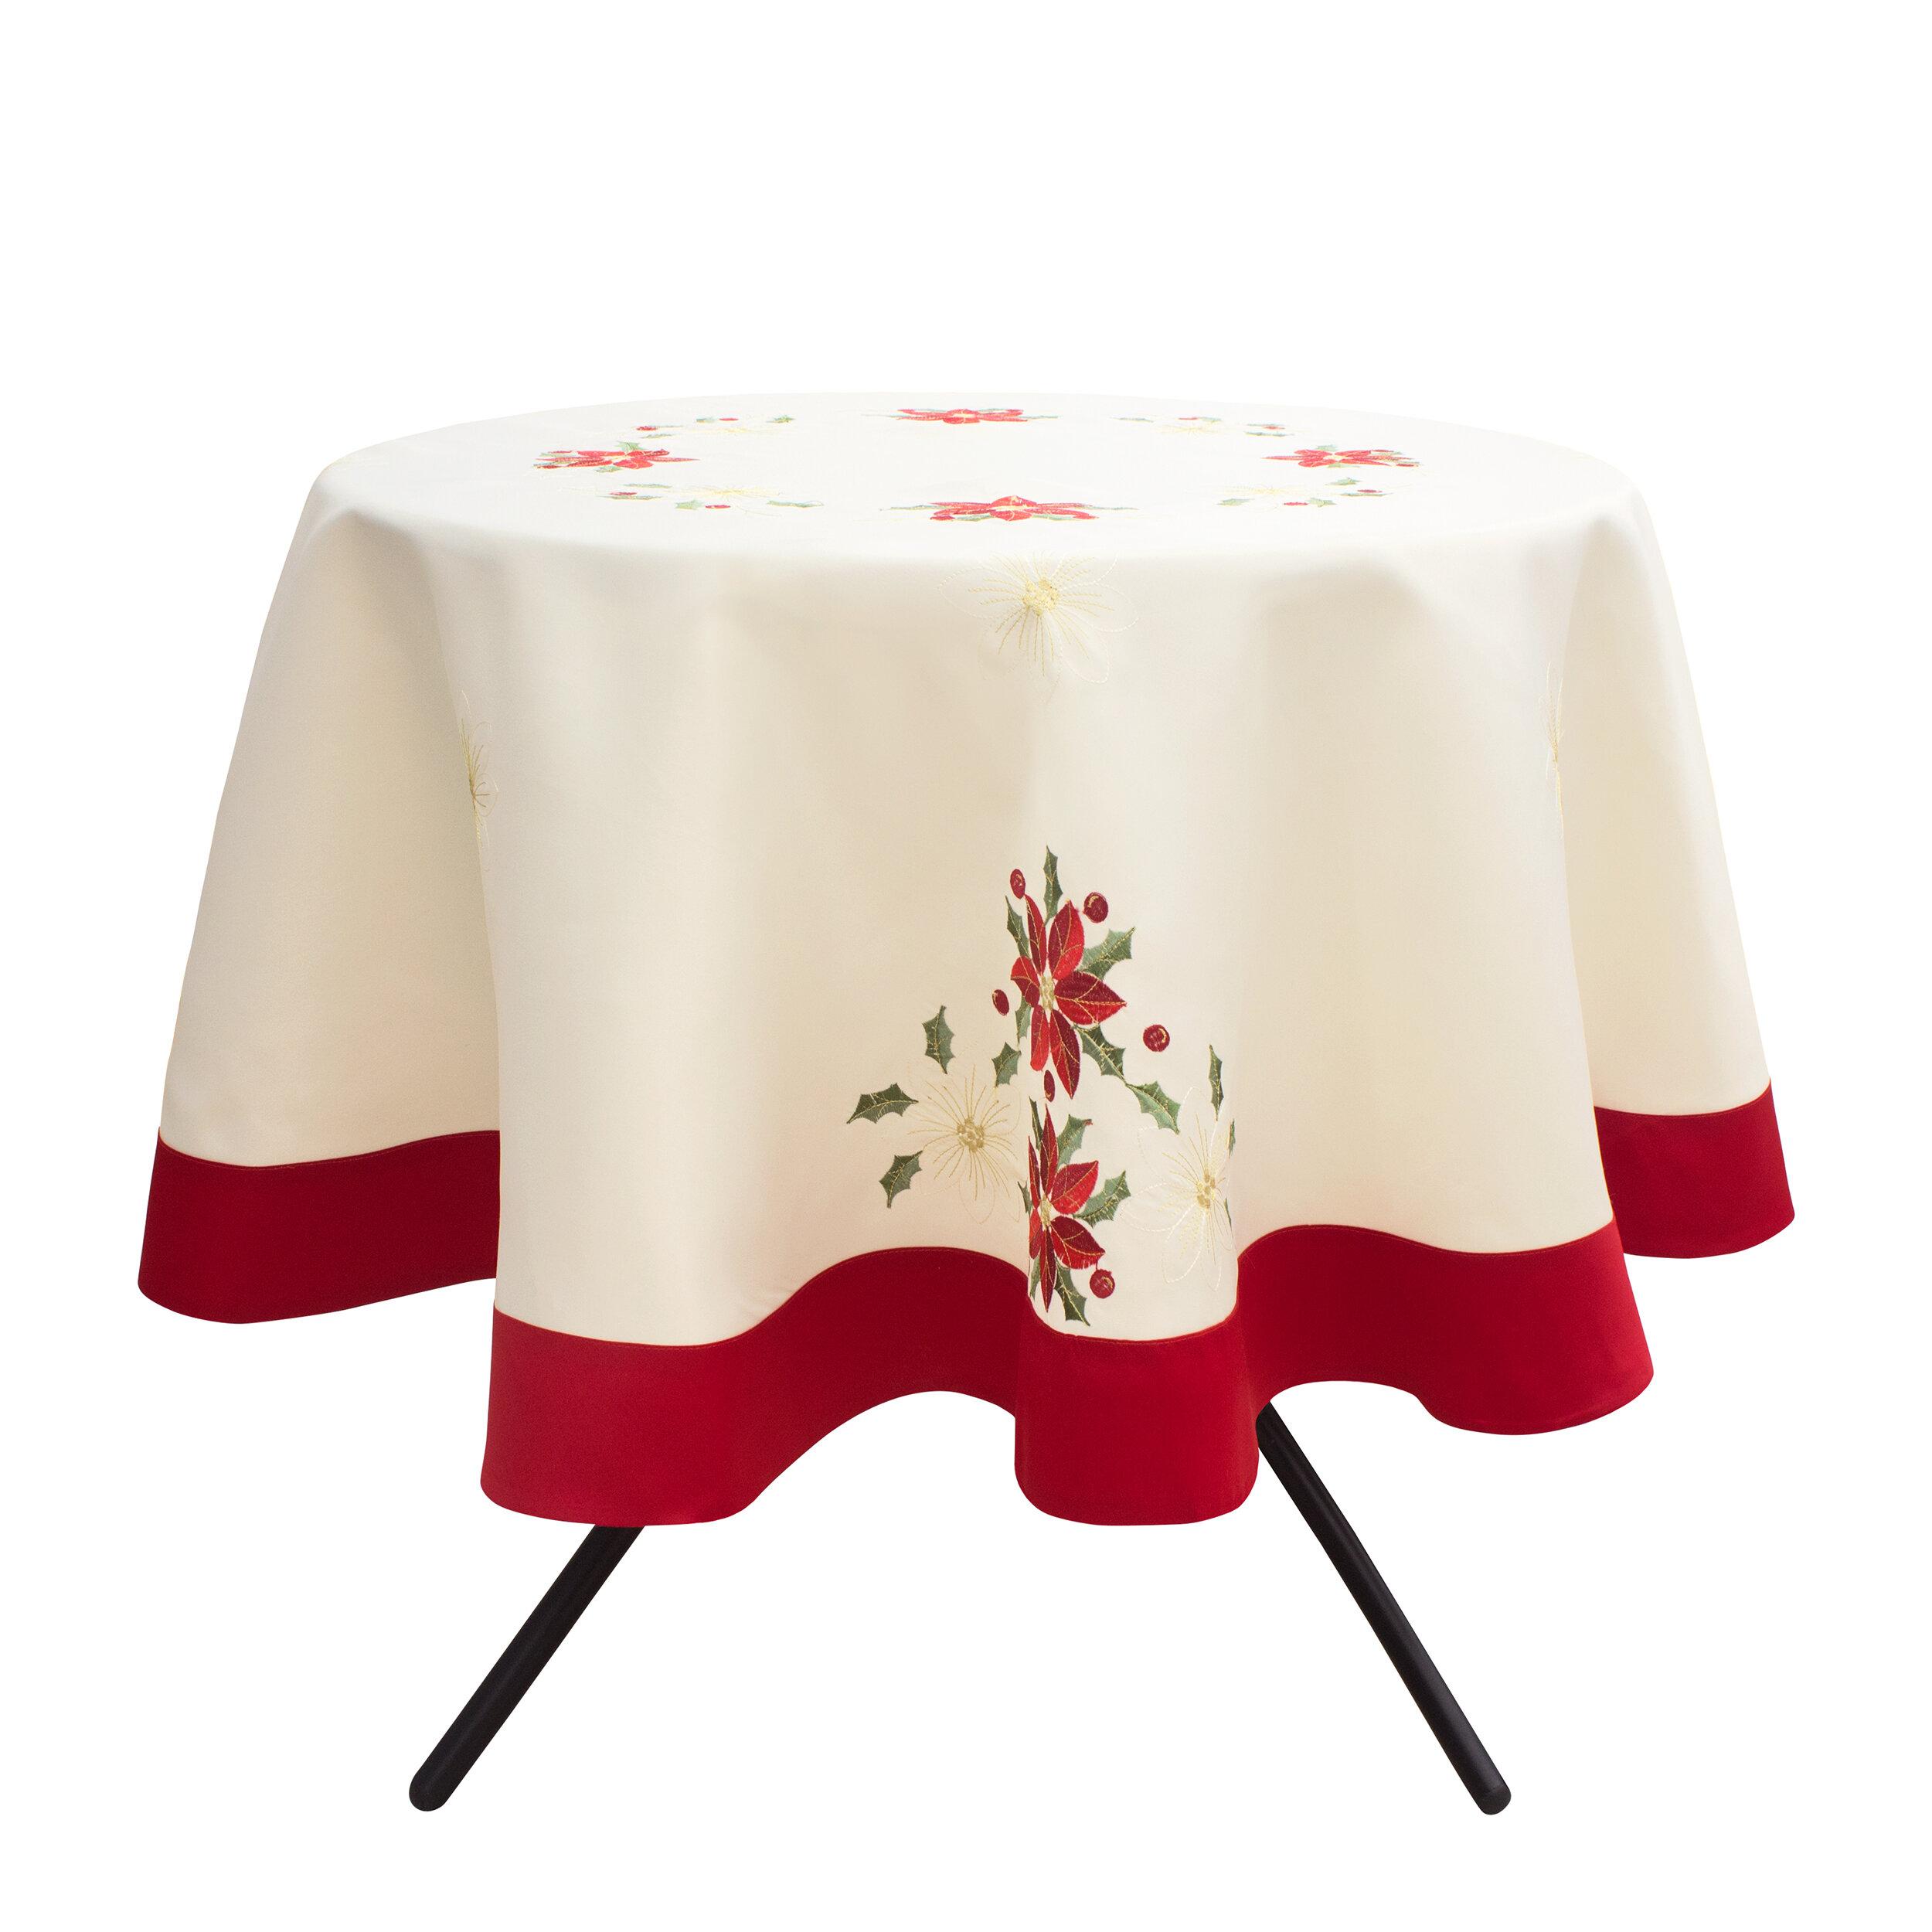 Superbe The Holiday Aisle Holiday Poinsettia Tablecloth   Wayfair